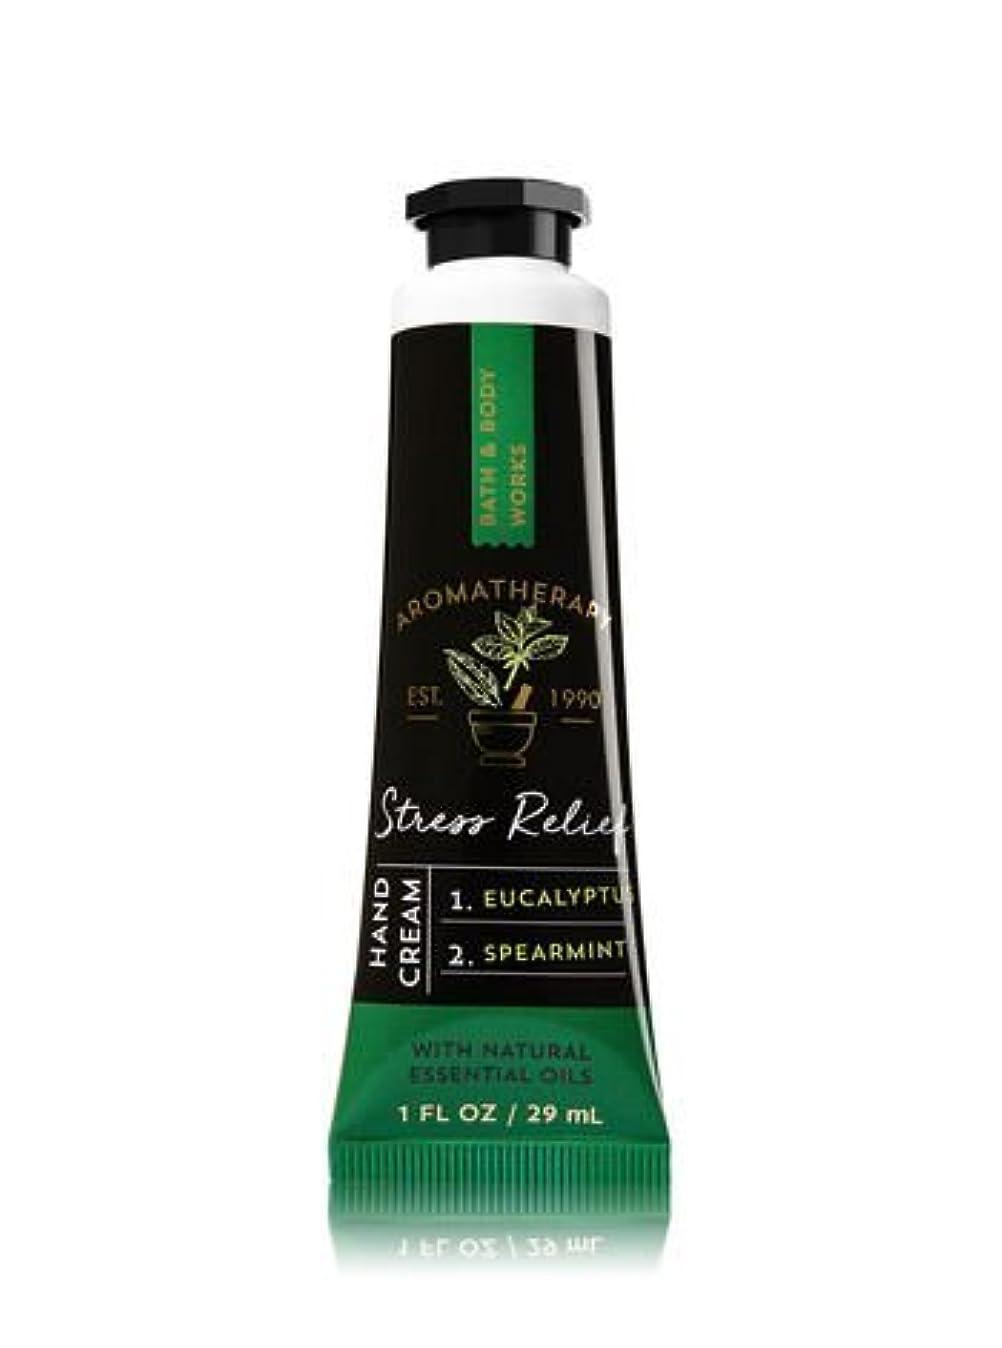 小間スティック【Bath&Body Works/バス&ボディワークス】 シアバター ハンドクリーム アロマセラピー ストレスリリーフ ユーカリスペアミント Shea Butter Hand Cream Aromatherapy Stress Relief Eucalyptus Spearmint 1 fl oz / 29 mL [並行輸入品]